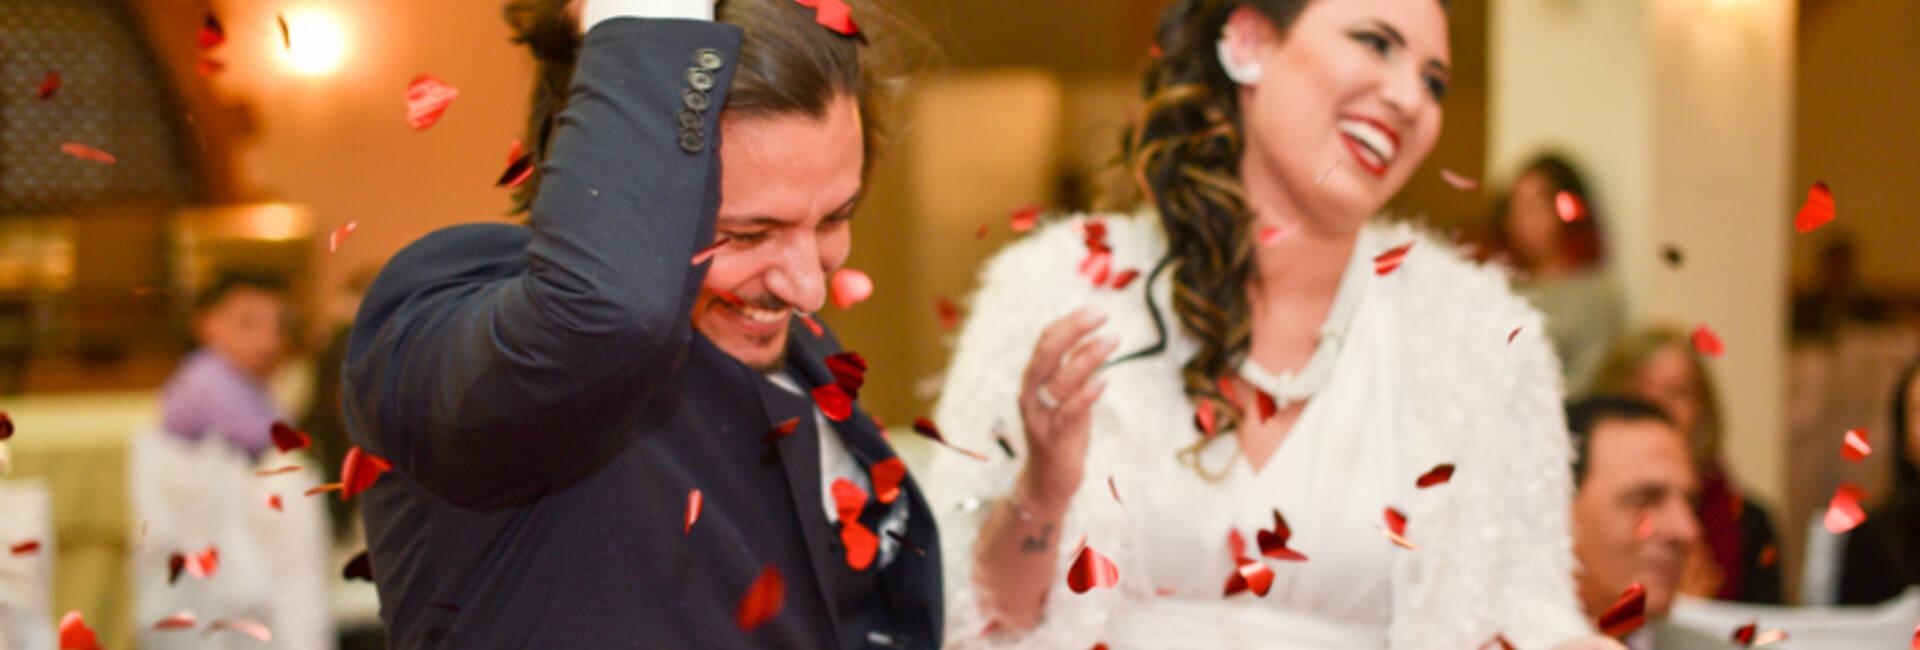 Casamento de Cris e Filipe